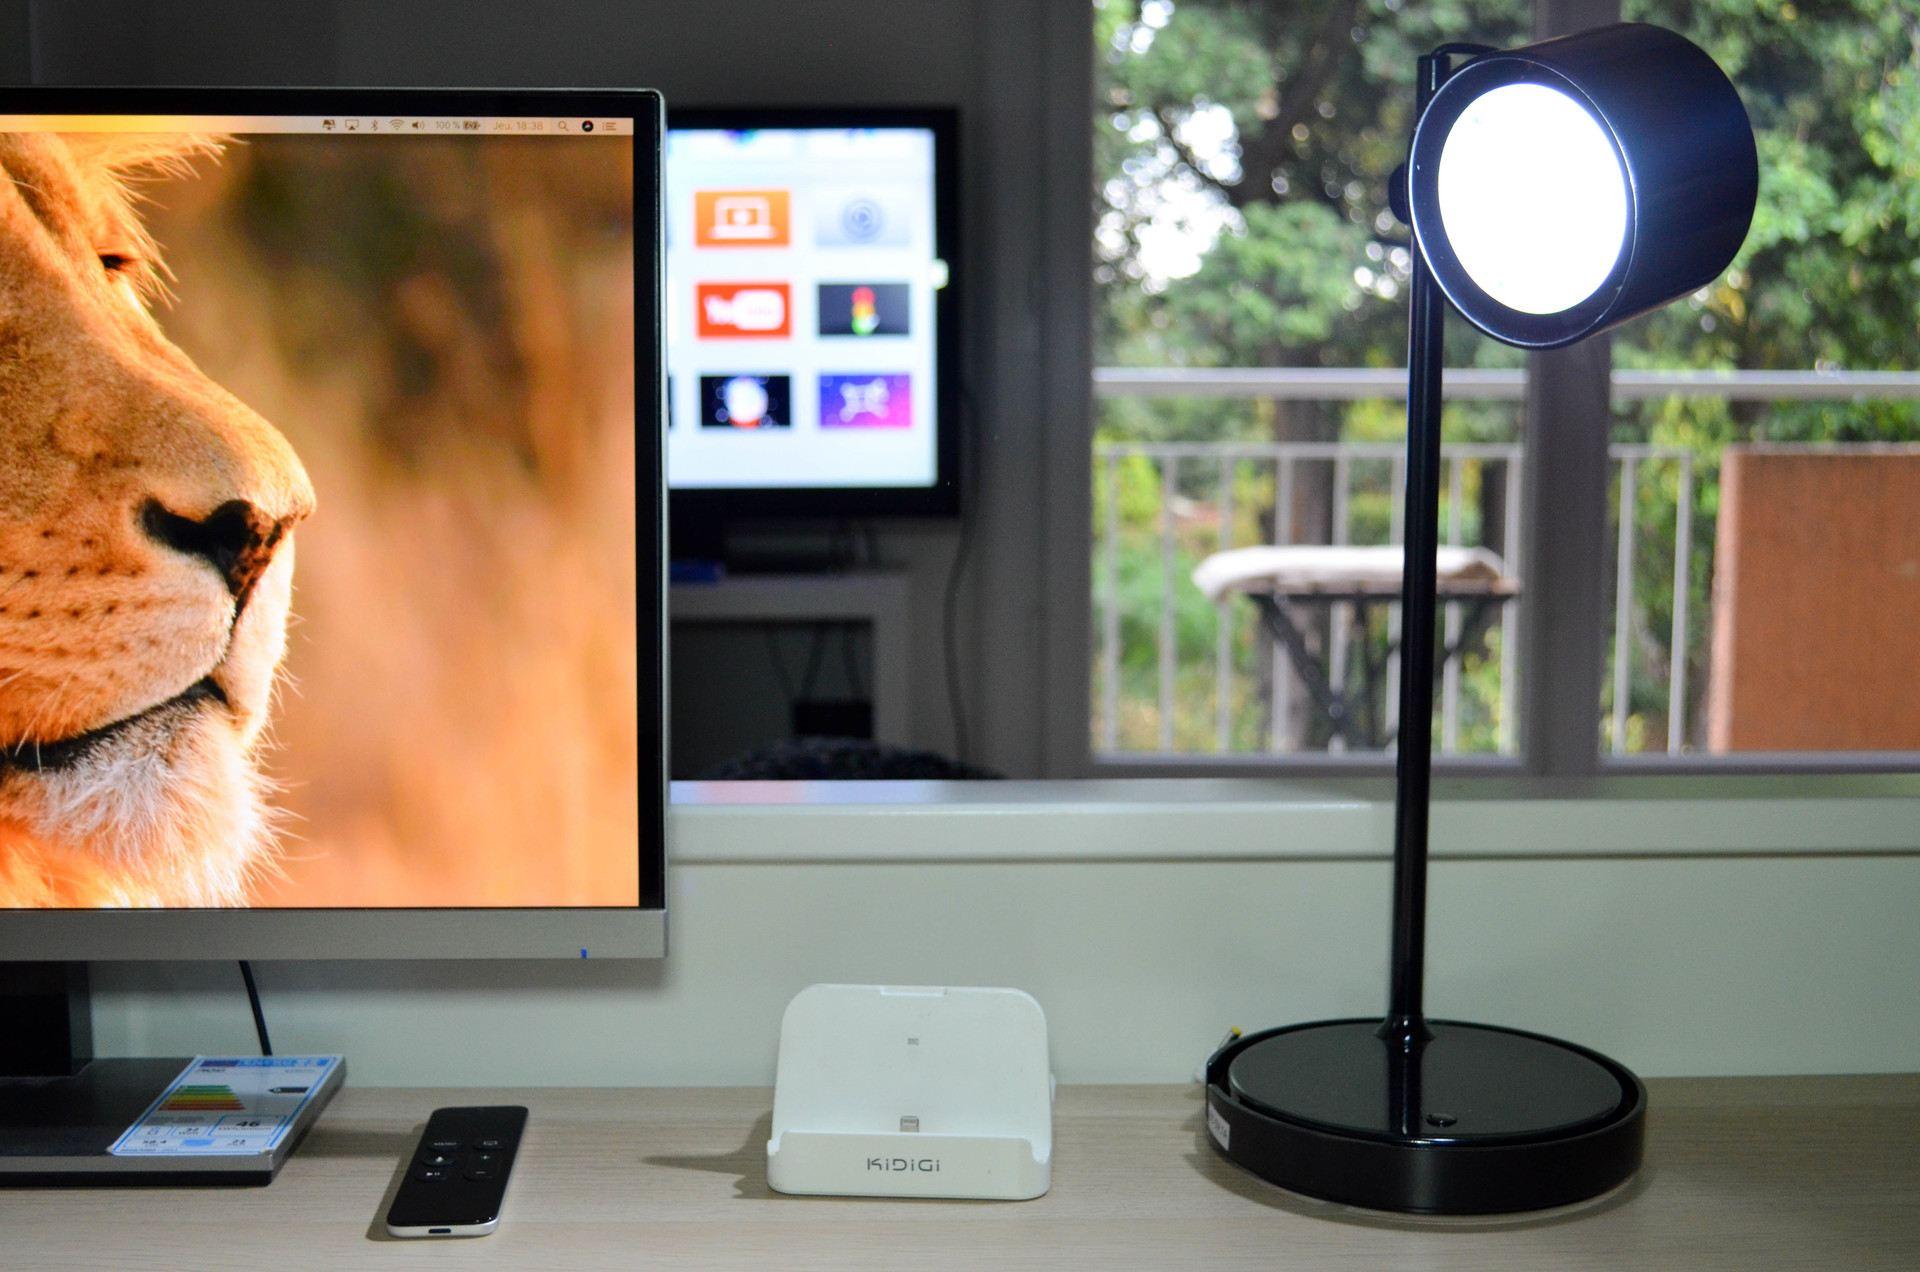 Une Seule Test Et Lampes IdualDes TélécommandeLcdg Colorées W2IE9DH